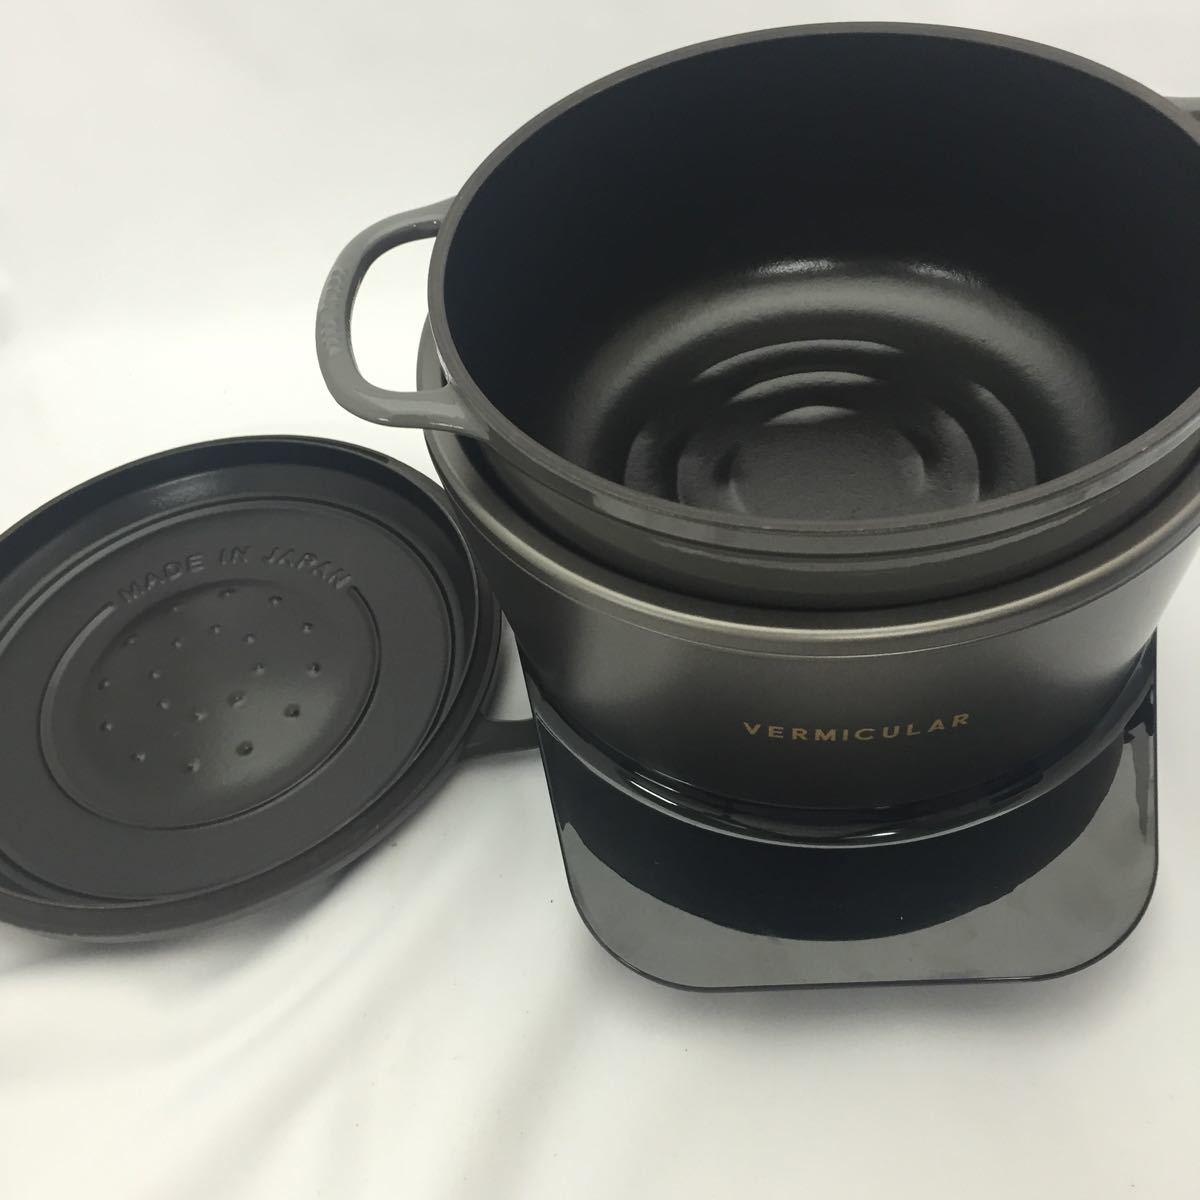 X104 バーミキュラー ライスポット 炊飯器 5号炊き RP23A-GY トリュフグレー 美品_画像3